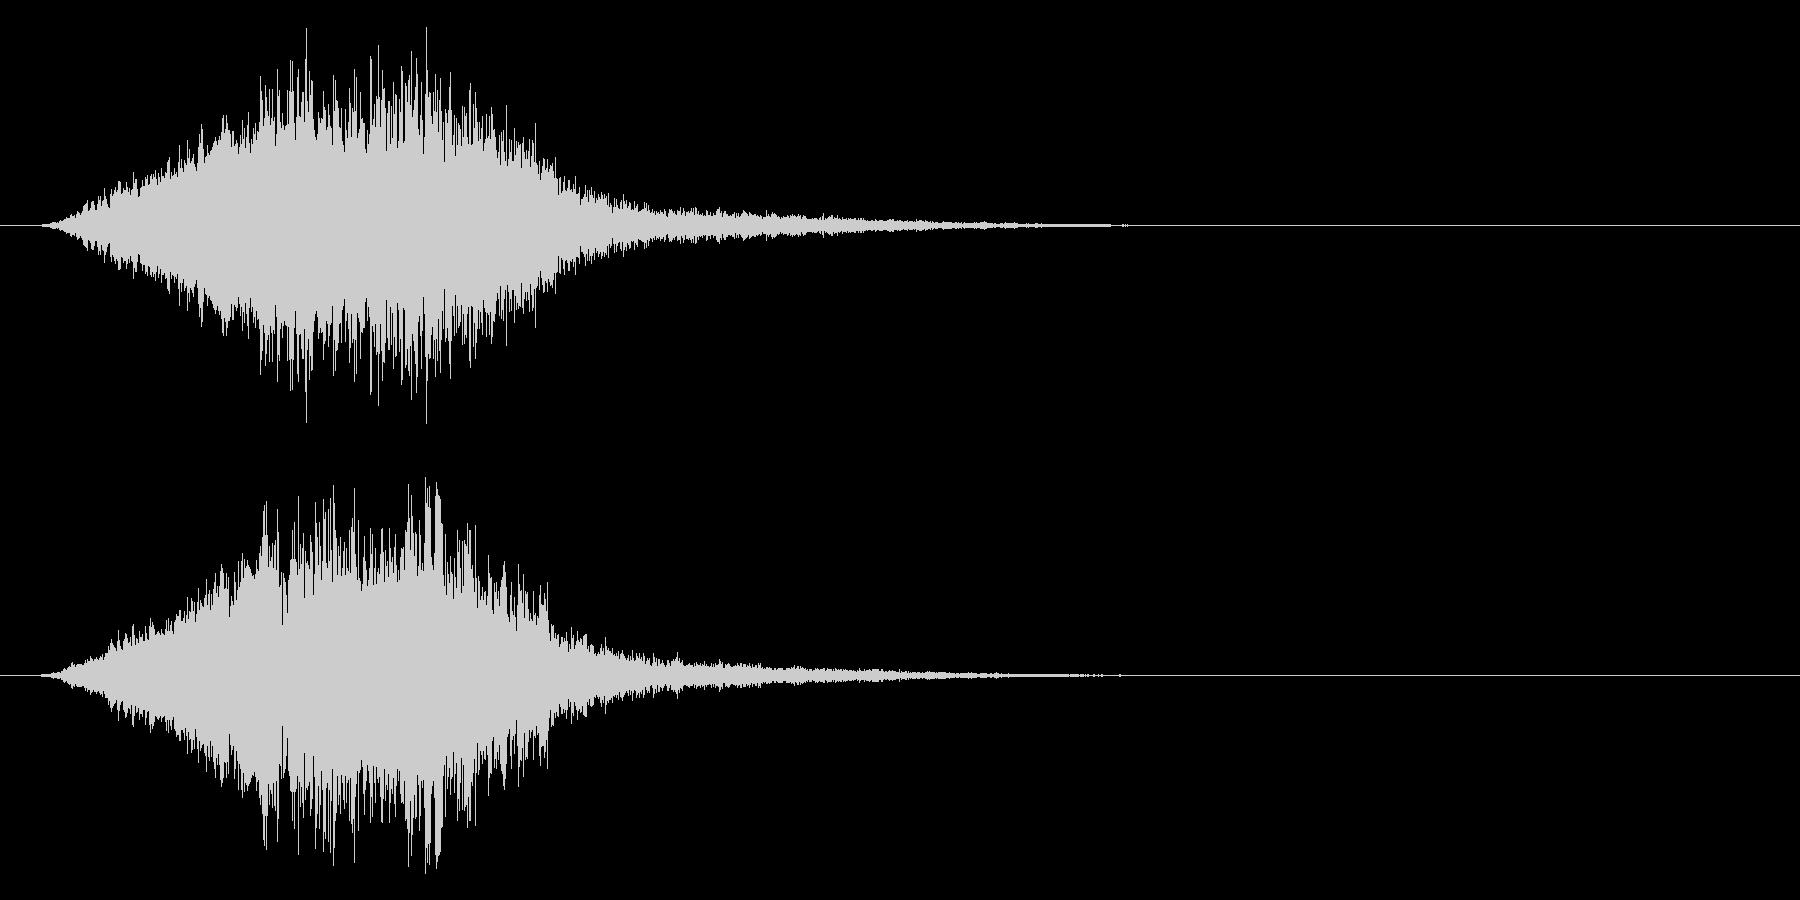 「不快音注意」ホラーME 恐怖 ヒット音の未再生の波形